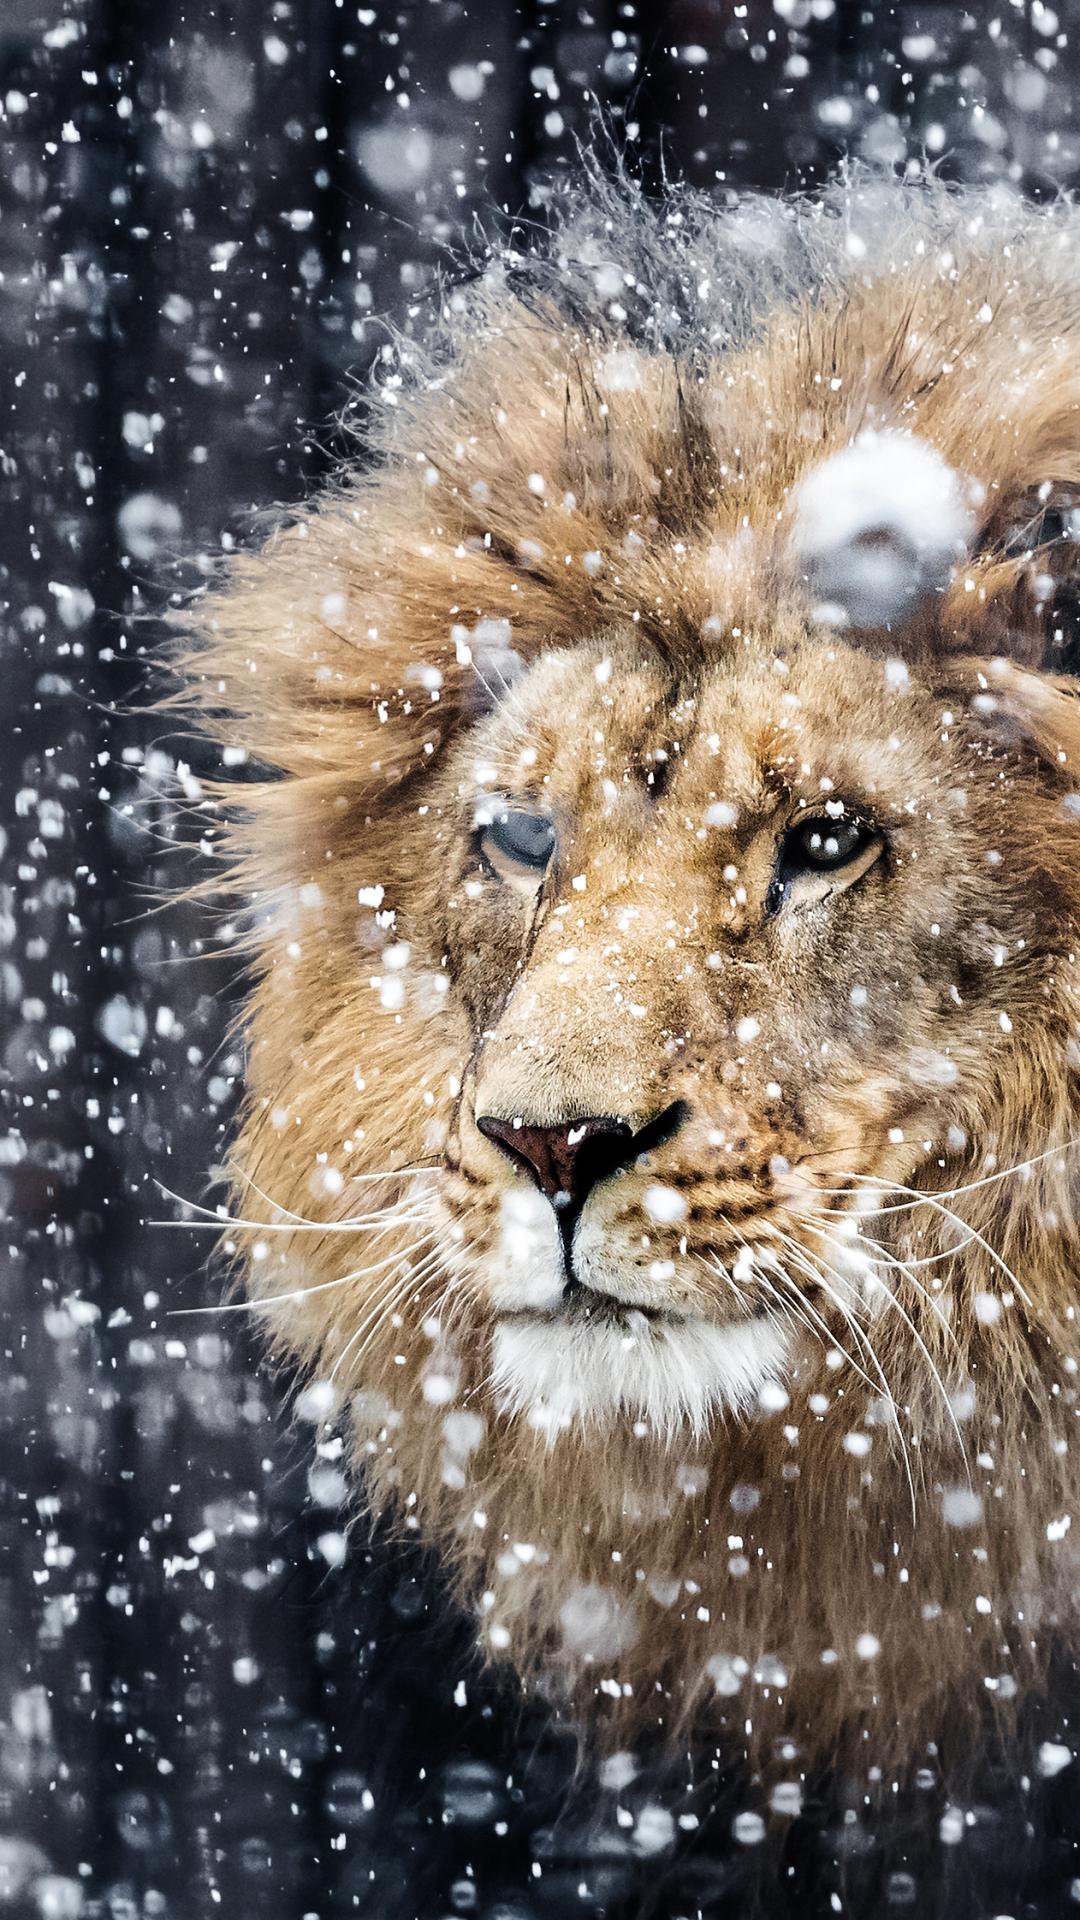 Wallpaper iphone lion - Wallpaper 655300